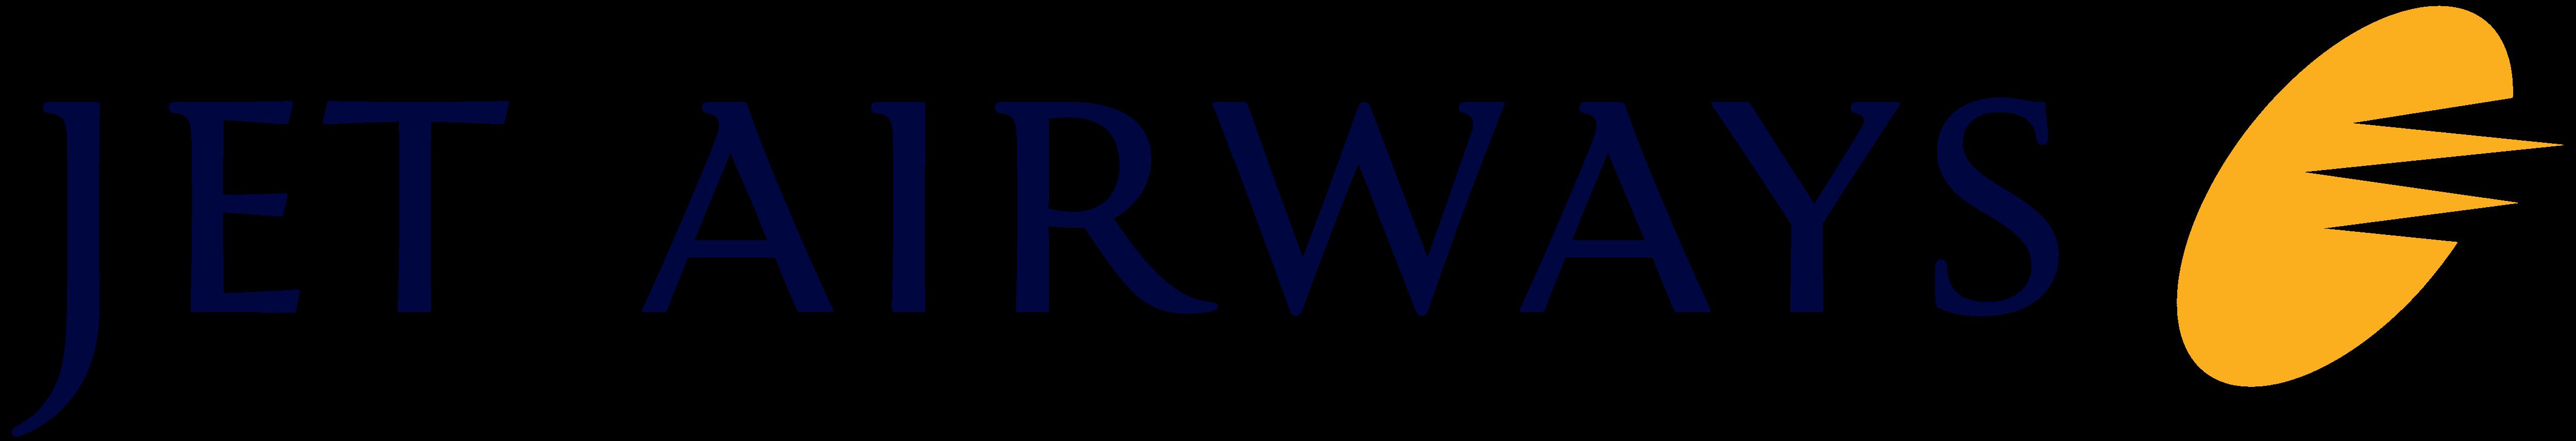 Jet_Airways_logo_logotype_symbol